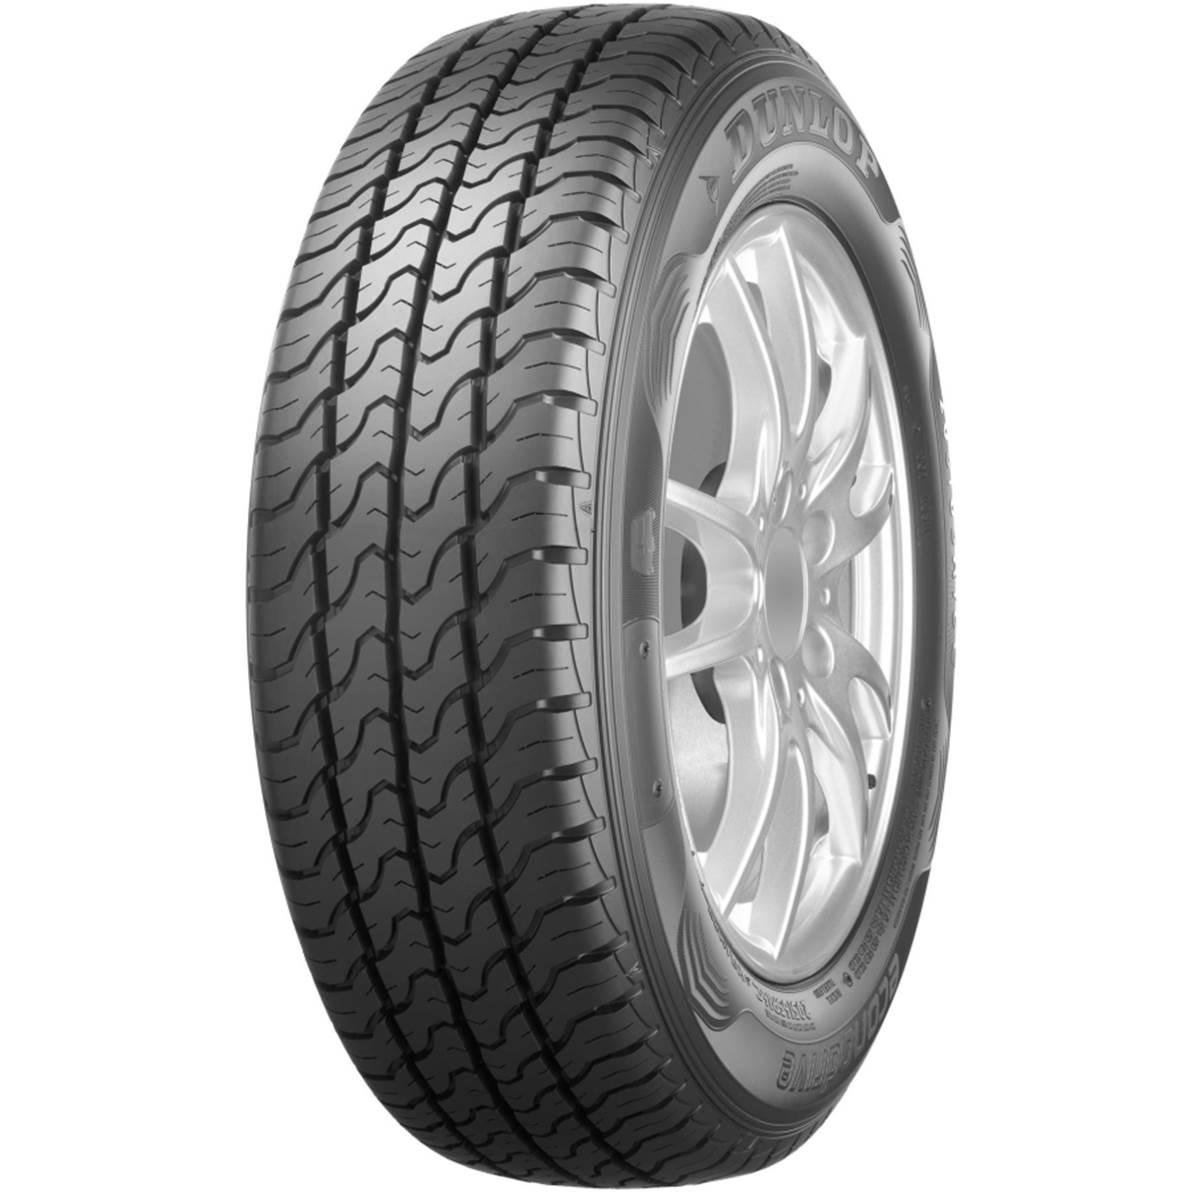 Pneu Camionnette Dunlop 185/80R14 102R Econodrive